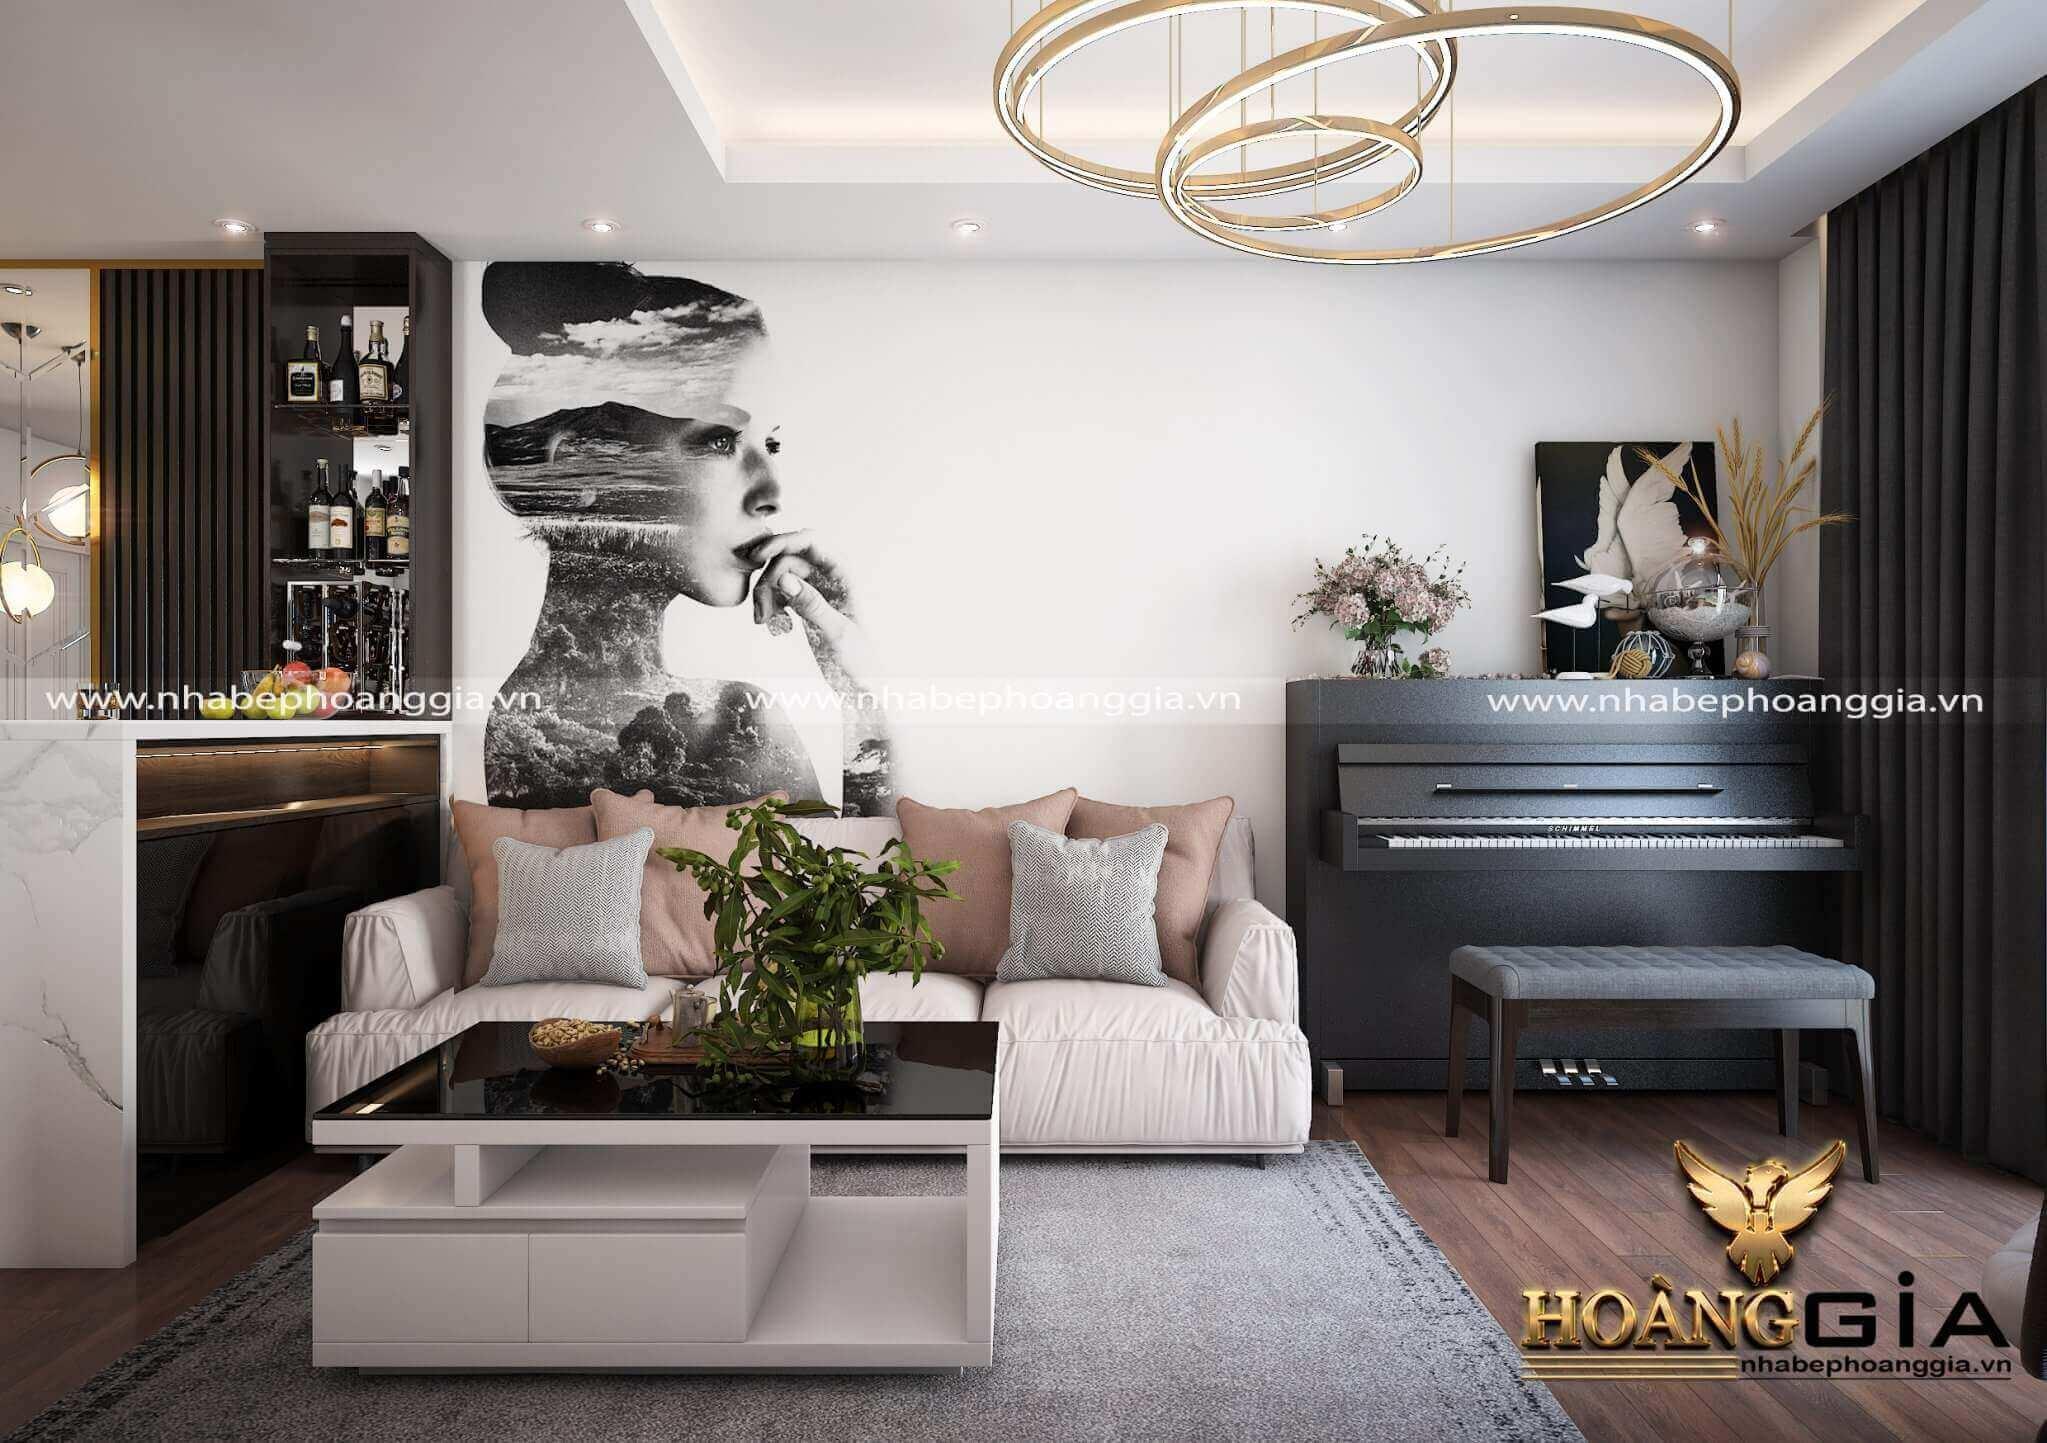 thiết kế và thi công nội thất trọn gói tại Hà Nội